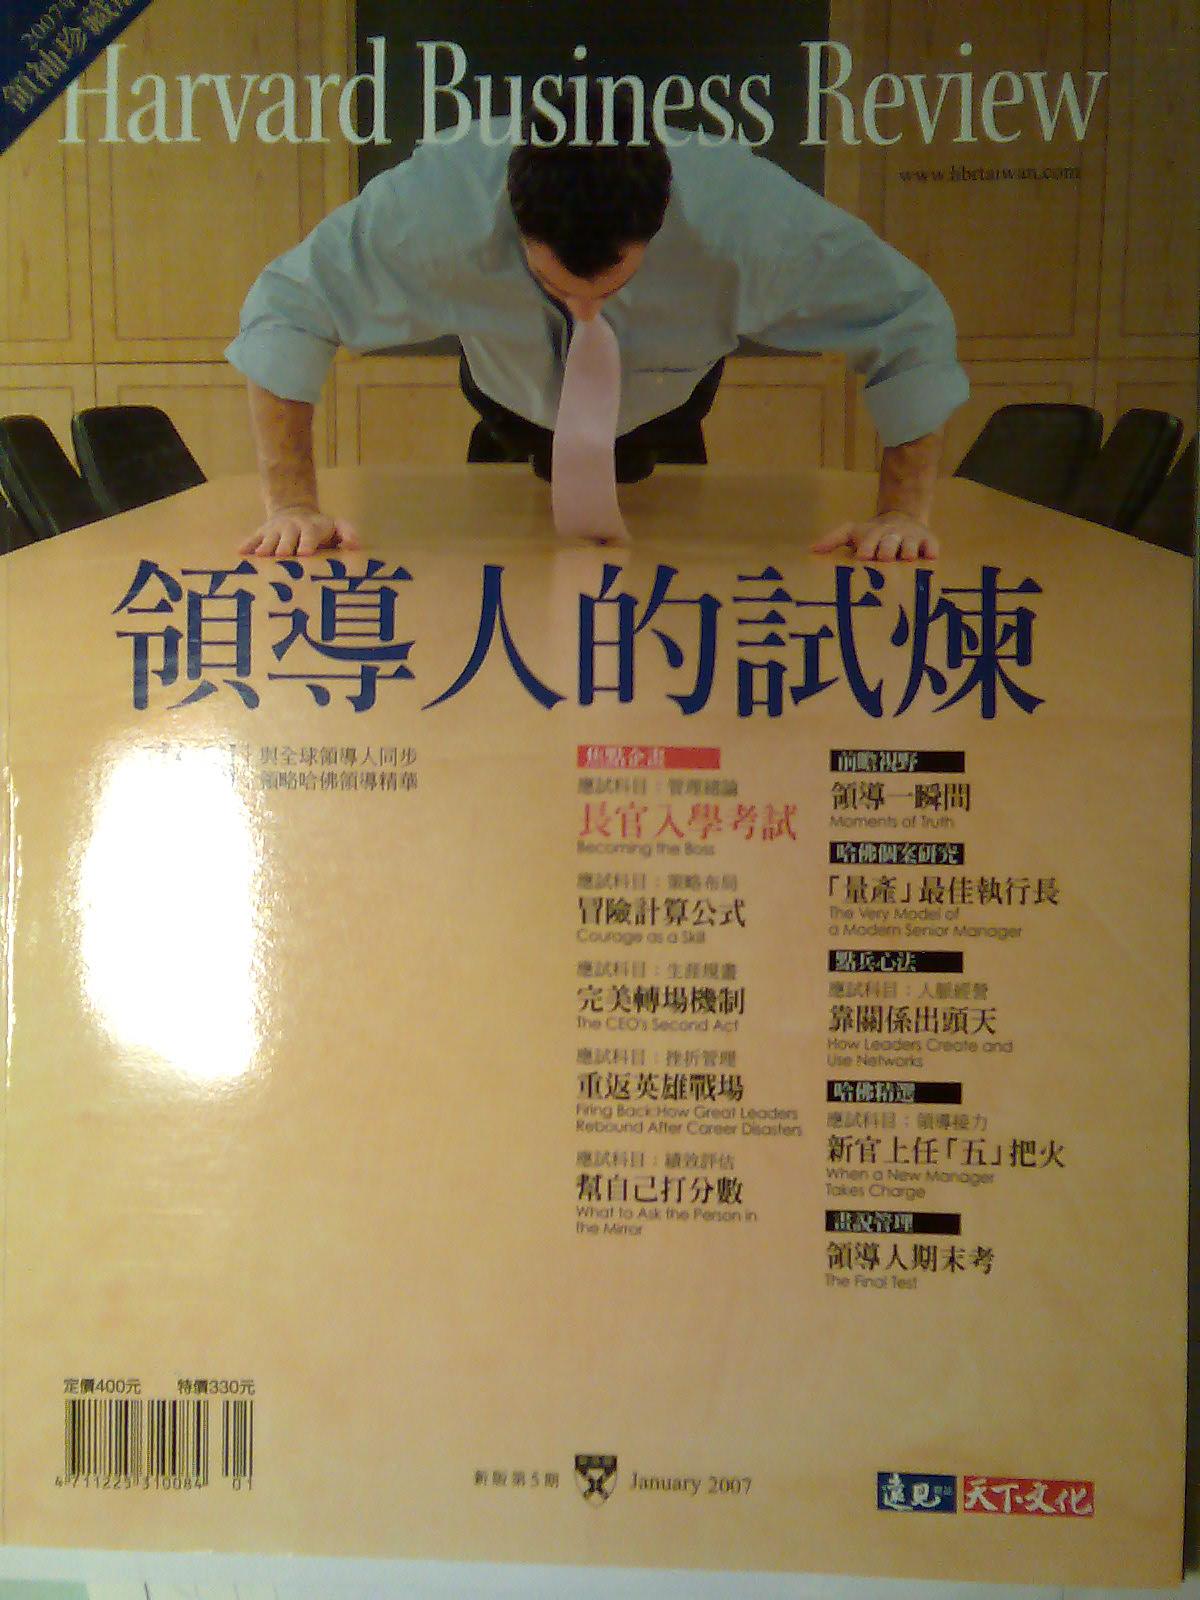 哈佛商業評論全球繁體中文新版